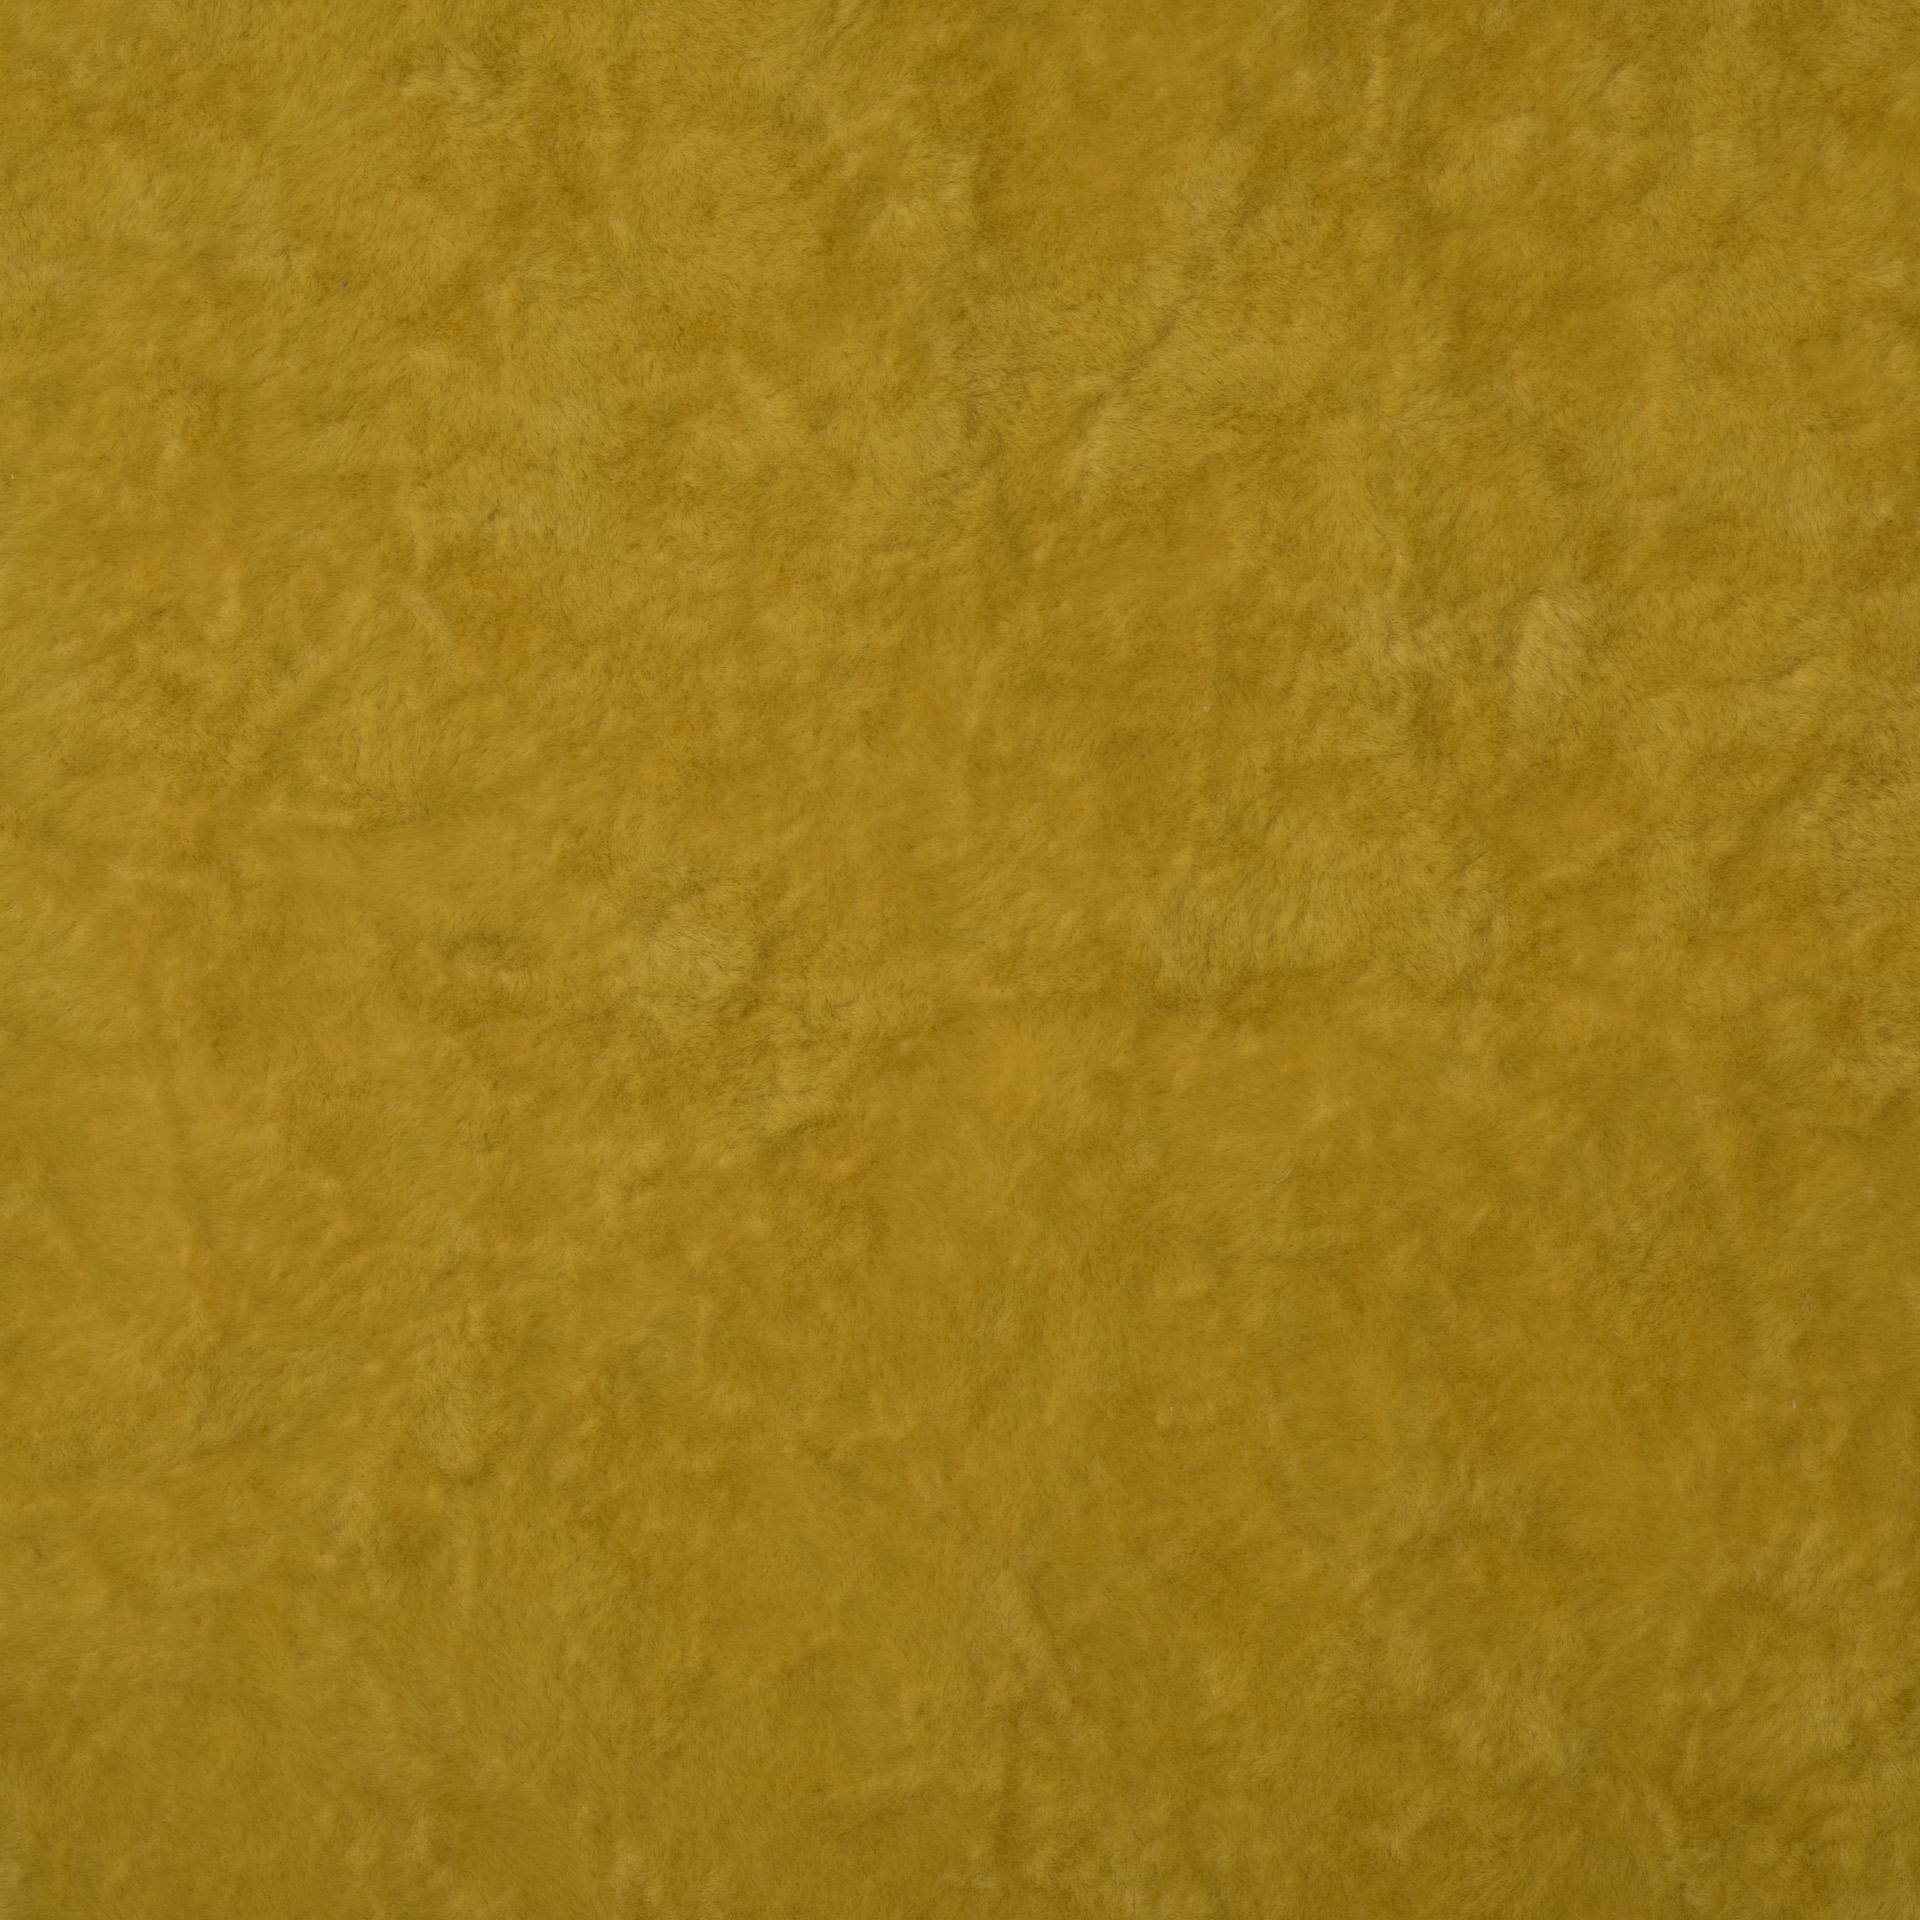 Коллекция ткани Финт YELLOW,  купить ткань Флок для мебели Украина